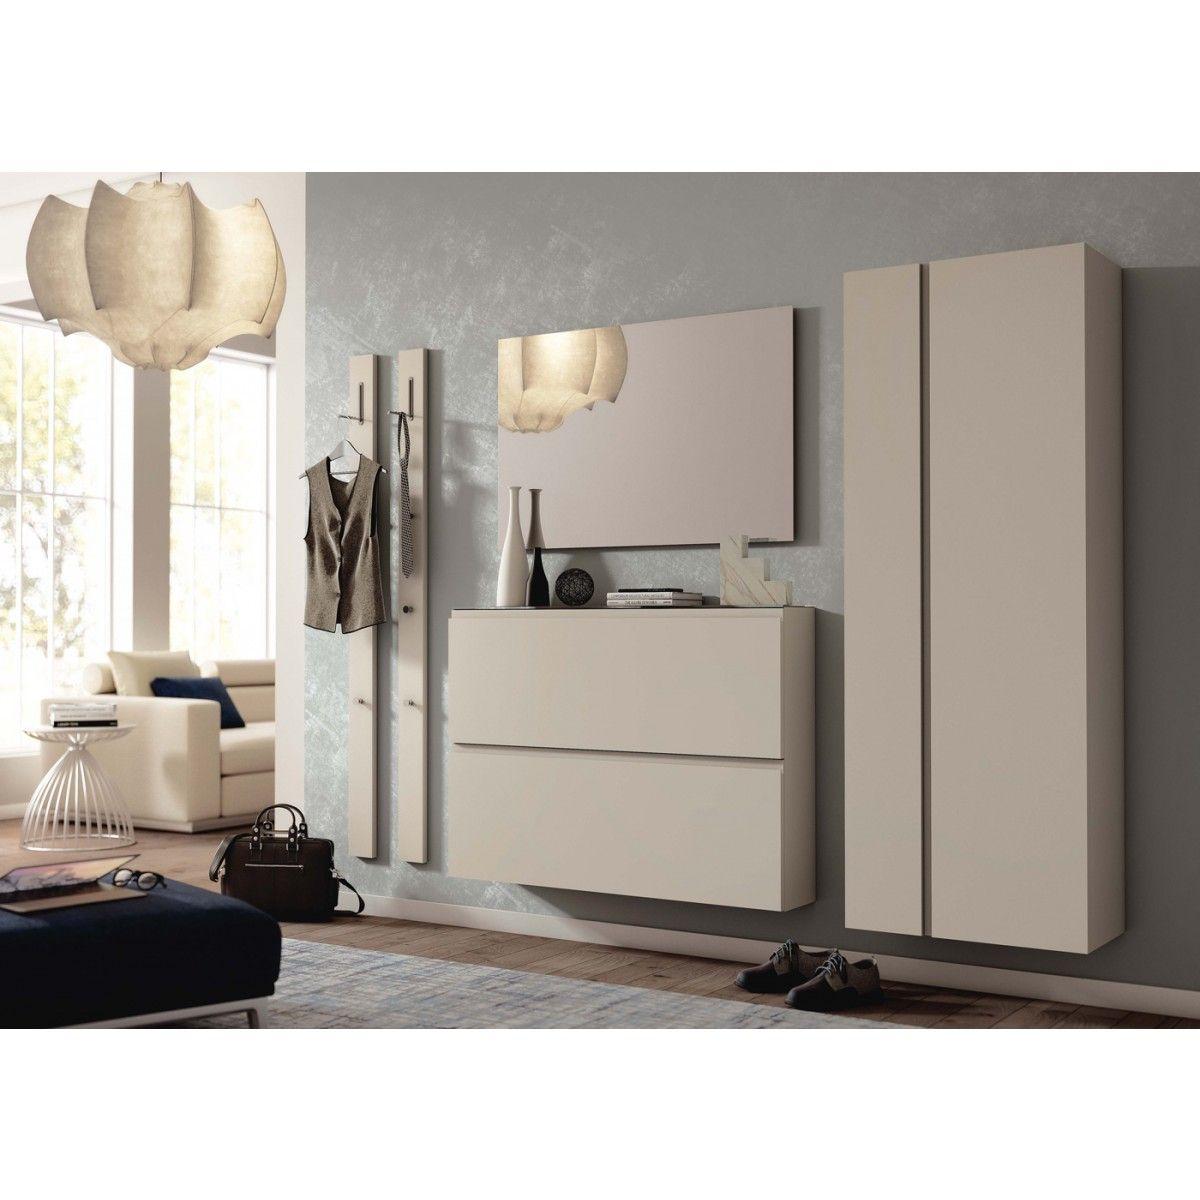 Mondo convenienza è un'azienda italiana, specializzata nella grande distribuzione di mobili e complementi d'arredo. Pin Auf Armadio